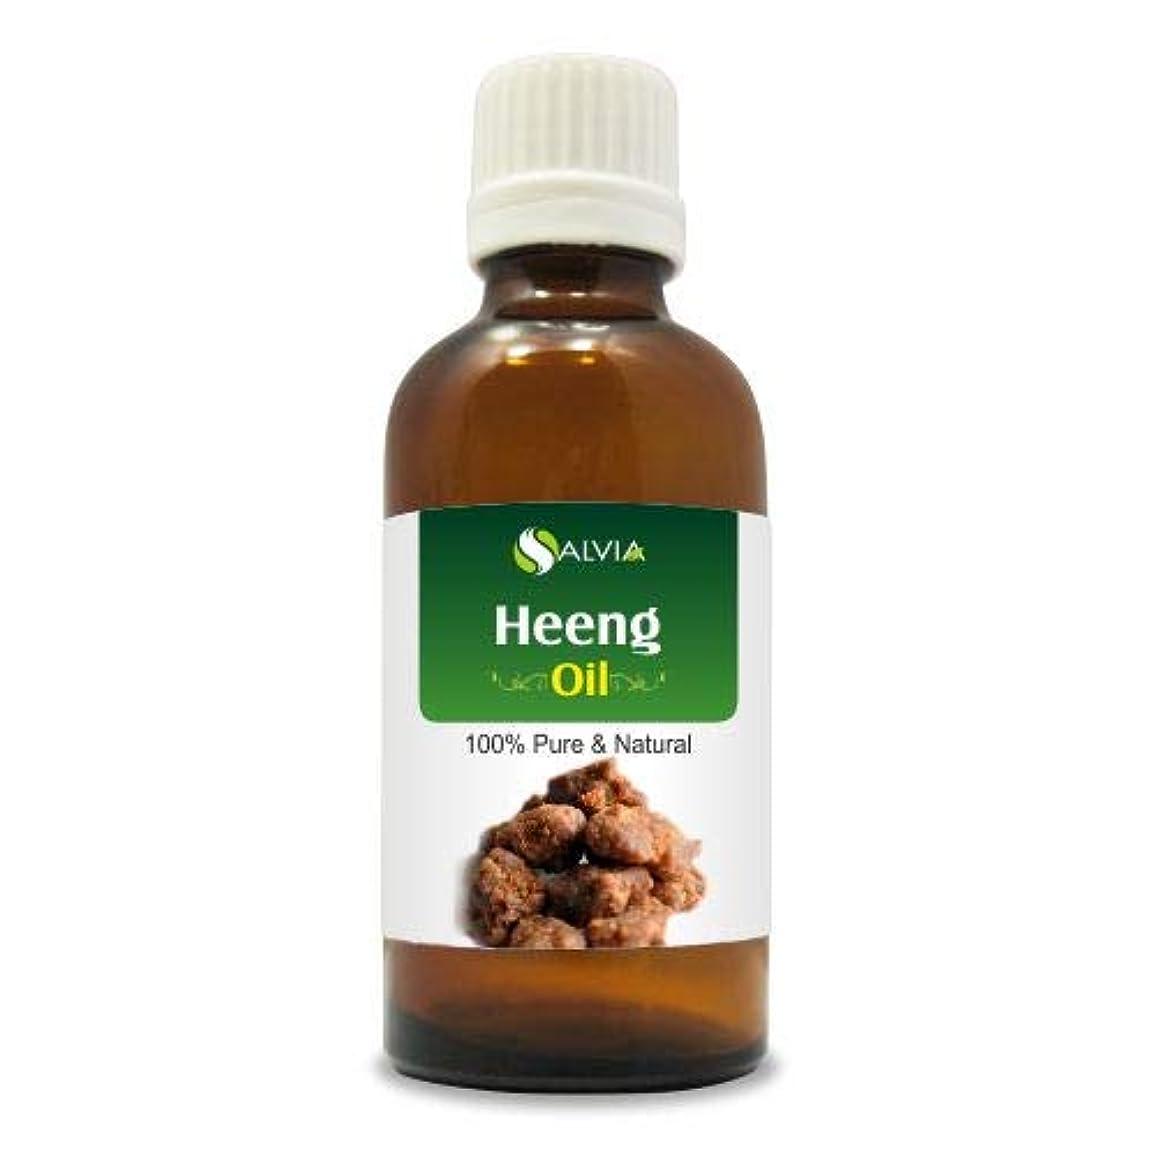 事談話けん引Heeng (Ferula Assafoetida) 100% Natural Pure Essential Oil 10ml